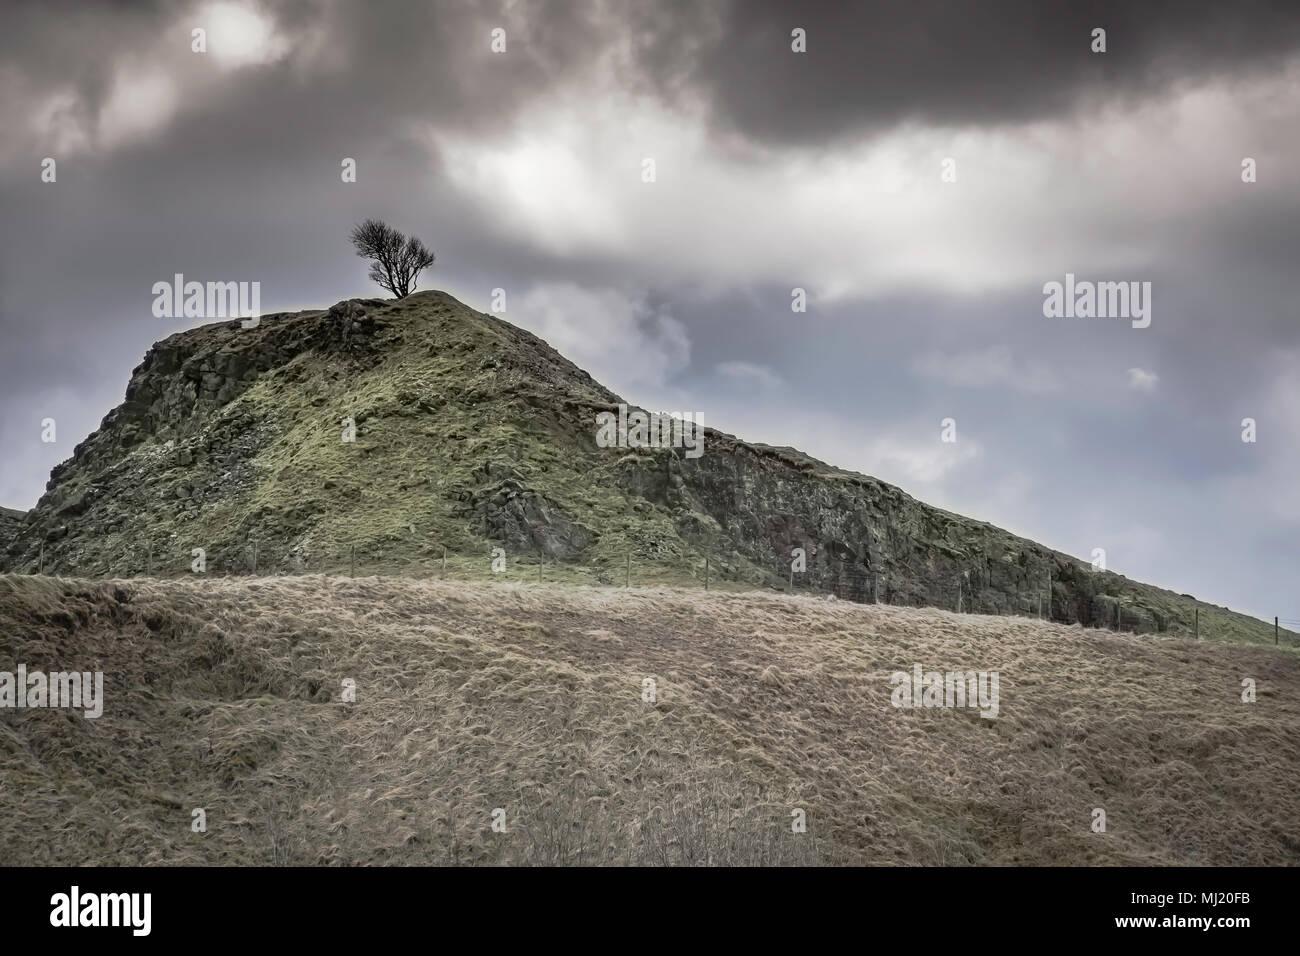 Baum auf der felsigen Hügel und dunkle, dramatische, bewölkter Himmel. Nationalpark Peak District, Derbyshire Uk. Atemberaubende britische Landschaft Landschaft, Feder Stockfoto